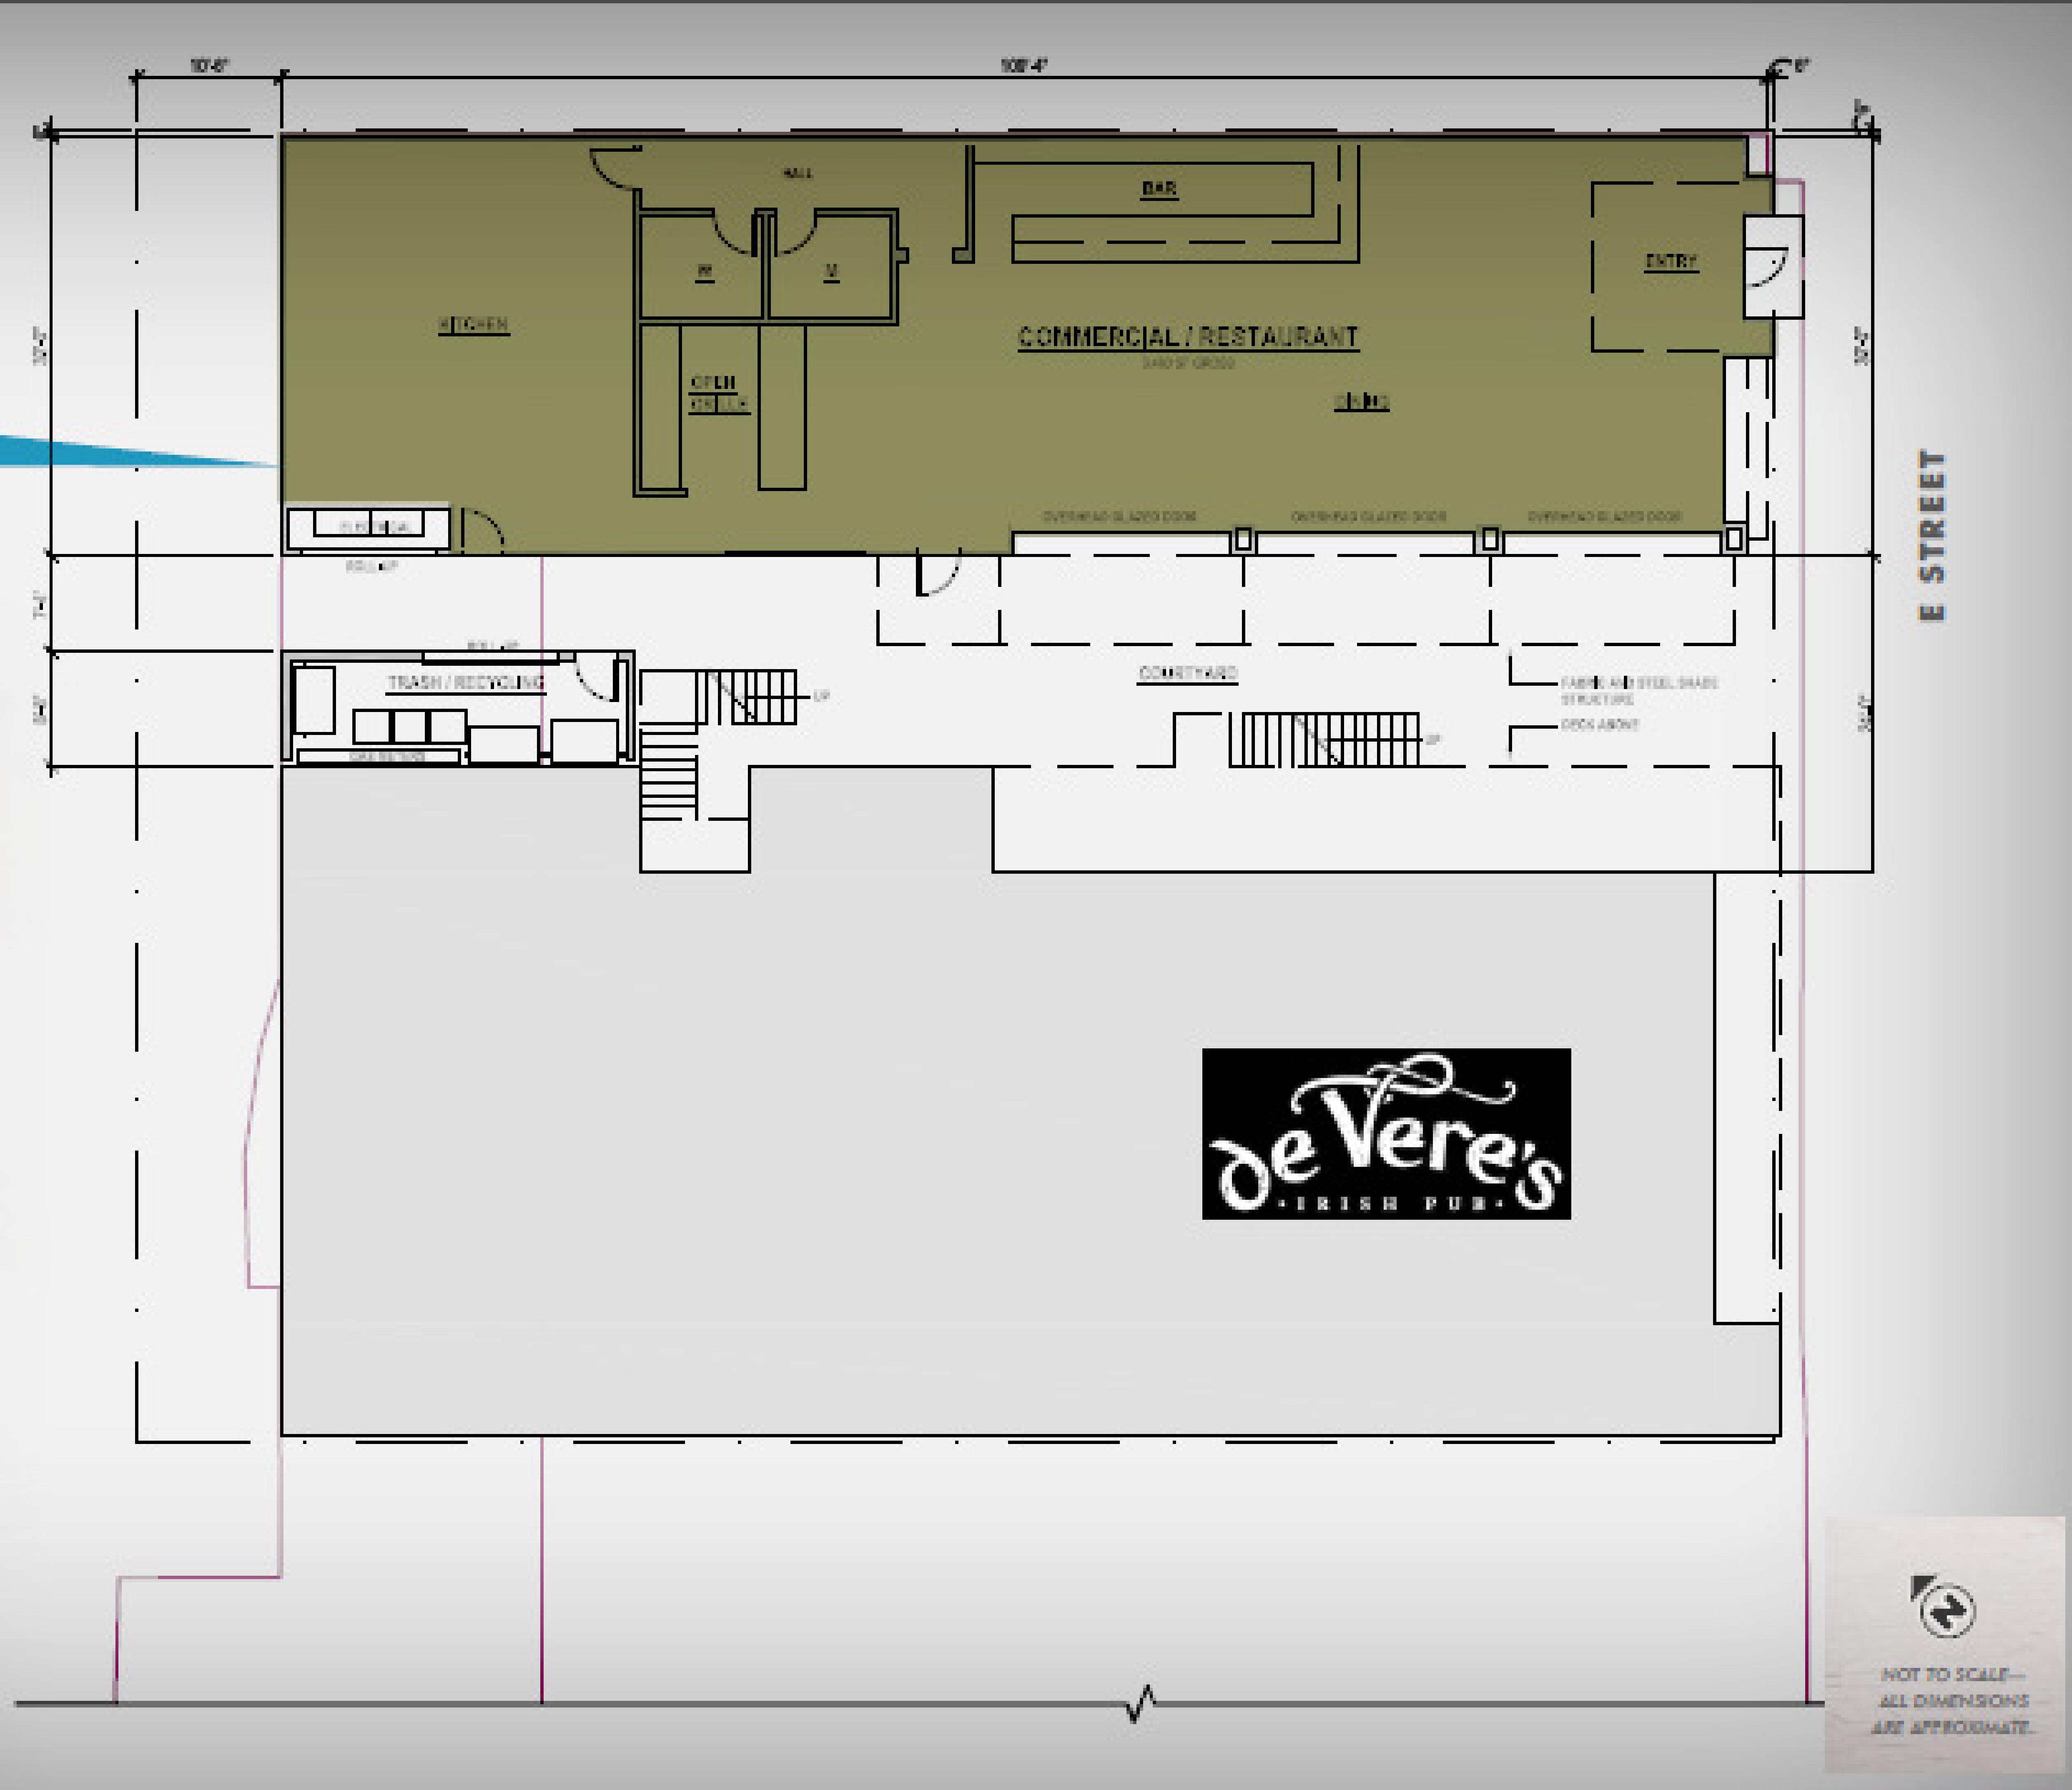 223 E Street: site plan